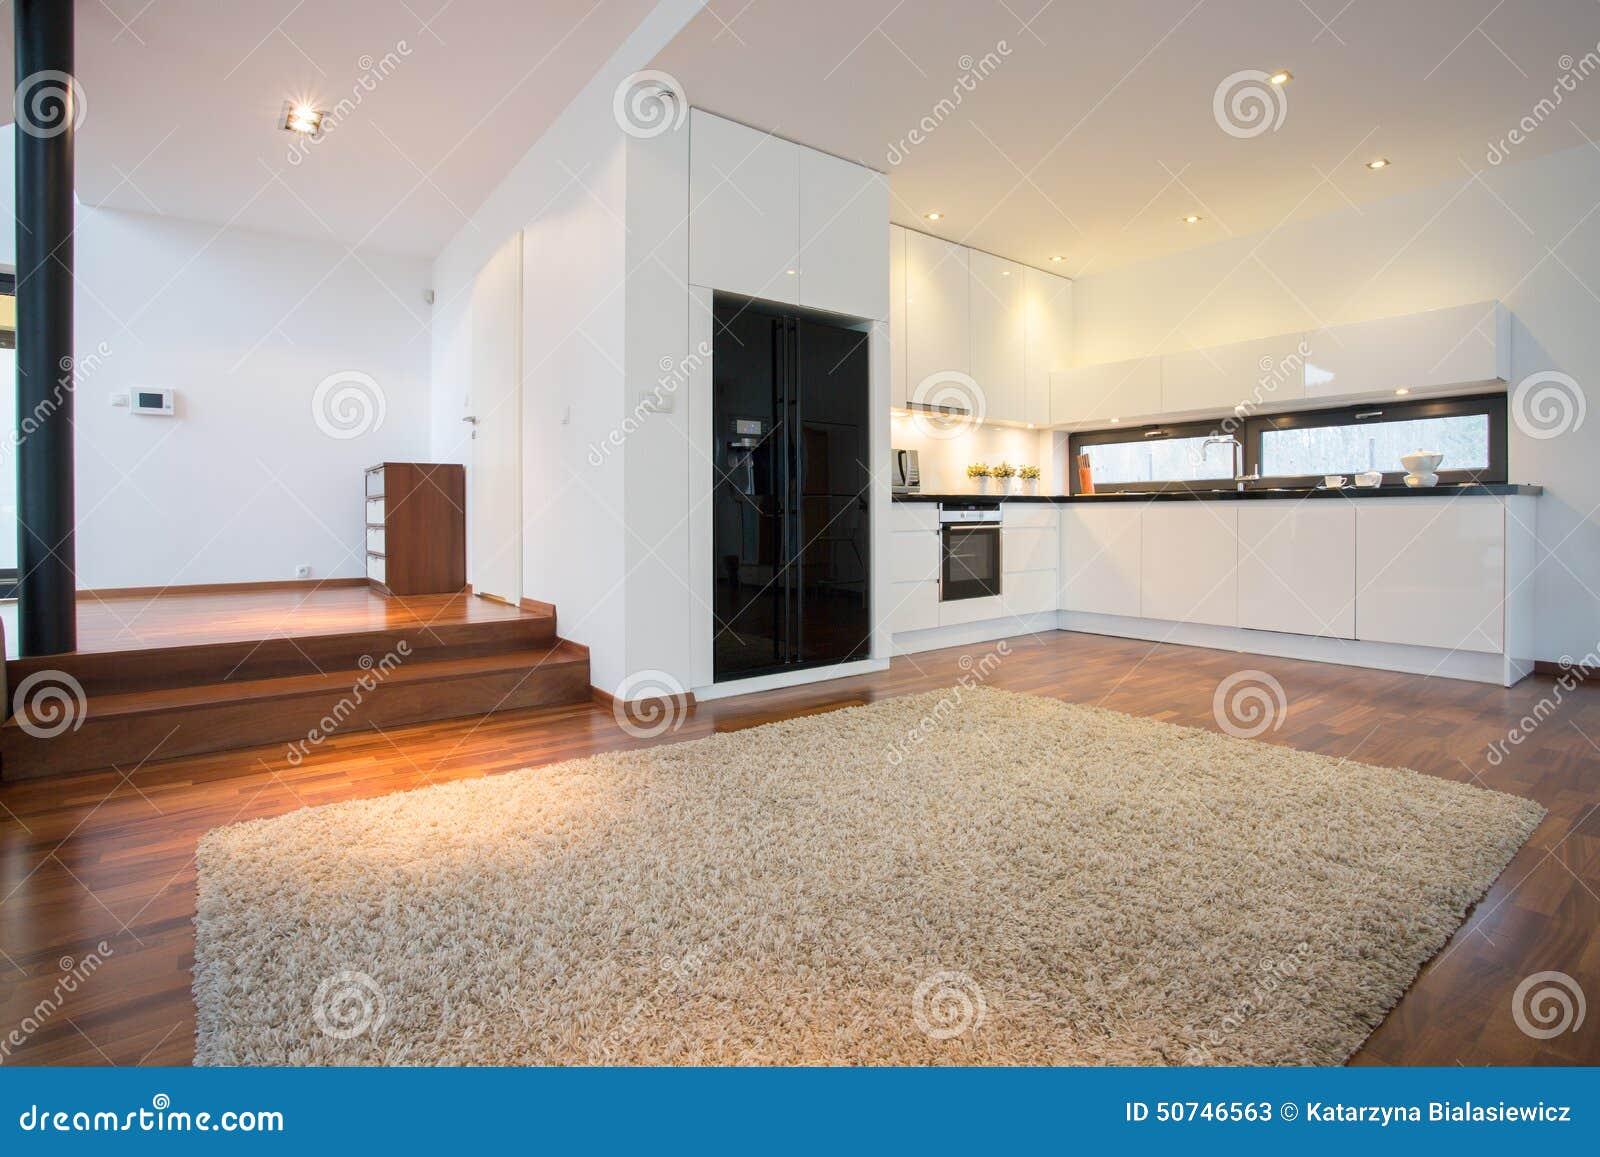 geräumiges wohnzimmer mit offener küche stockfoto - bild: 50746563